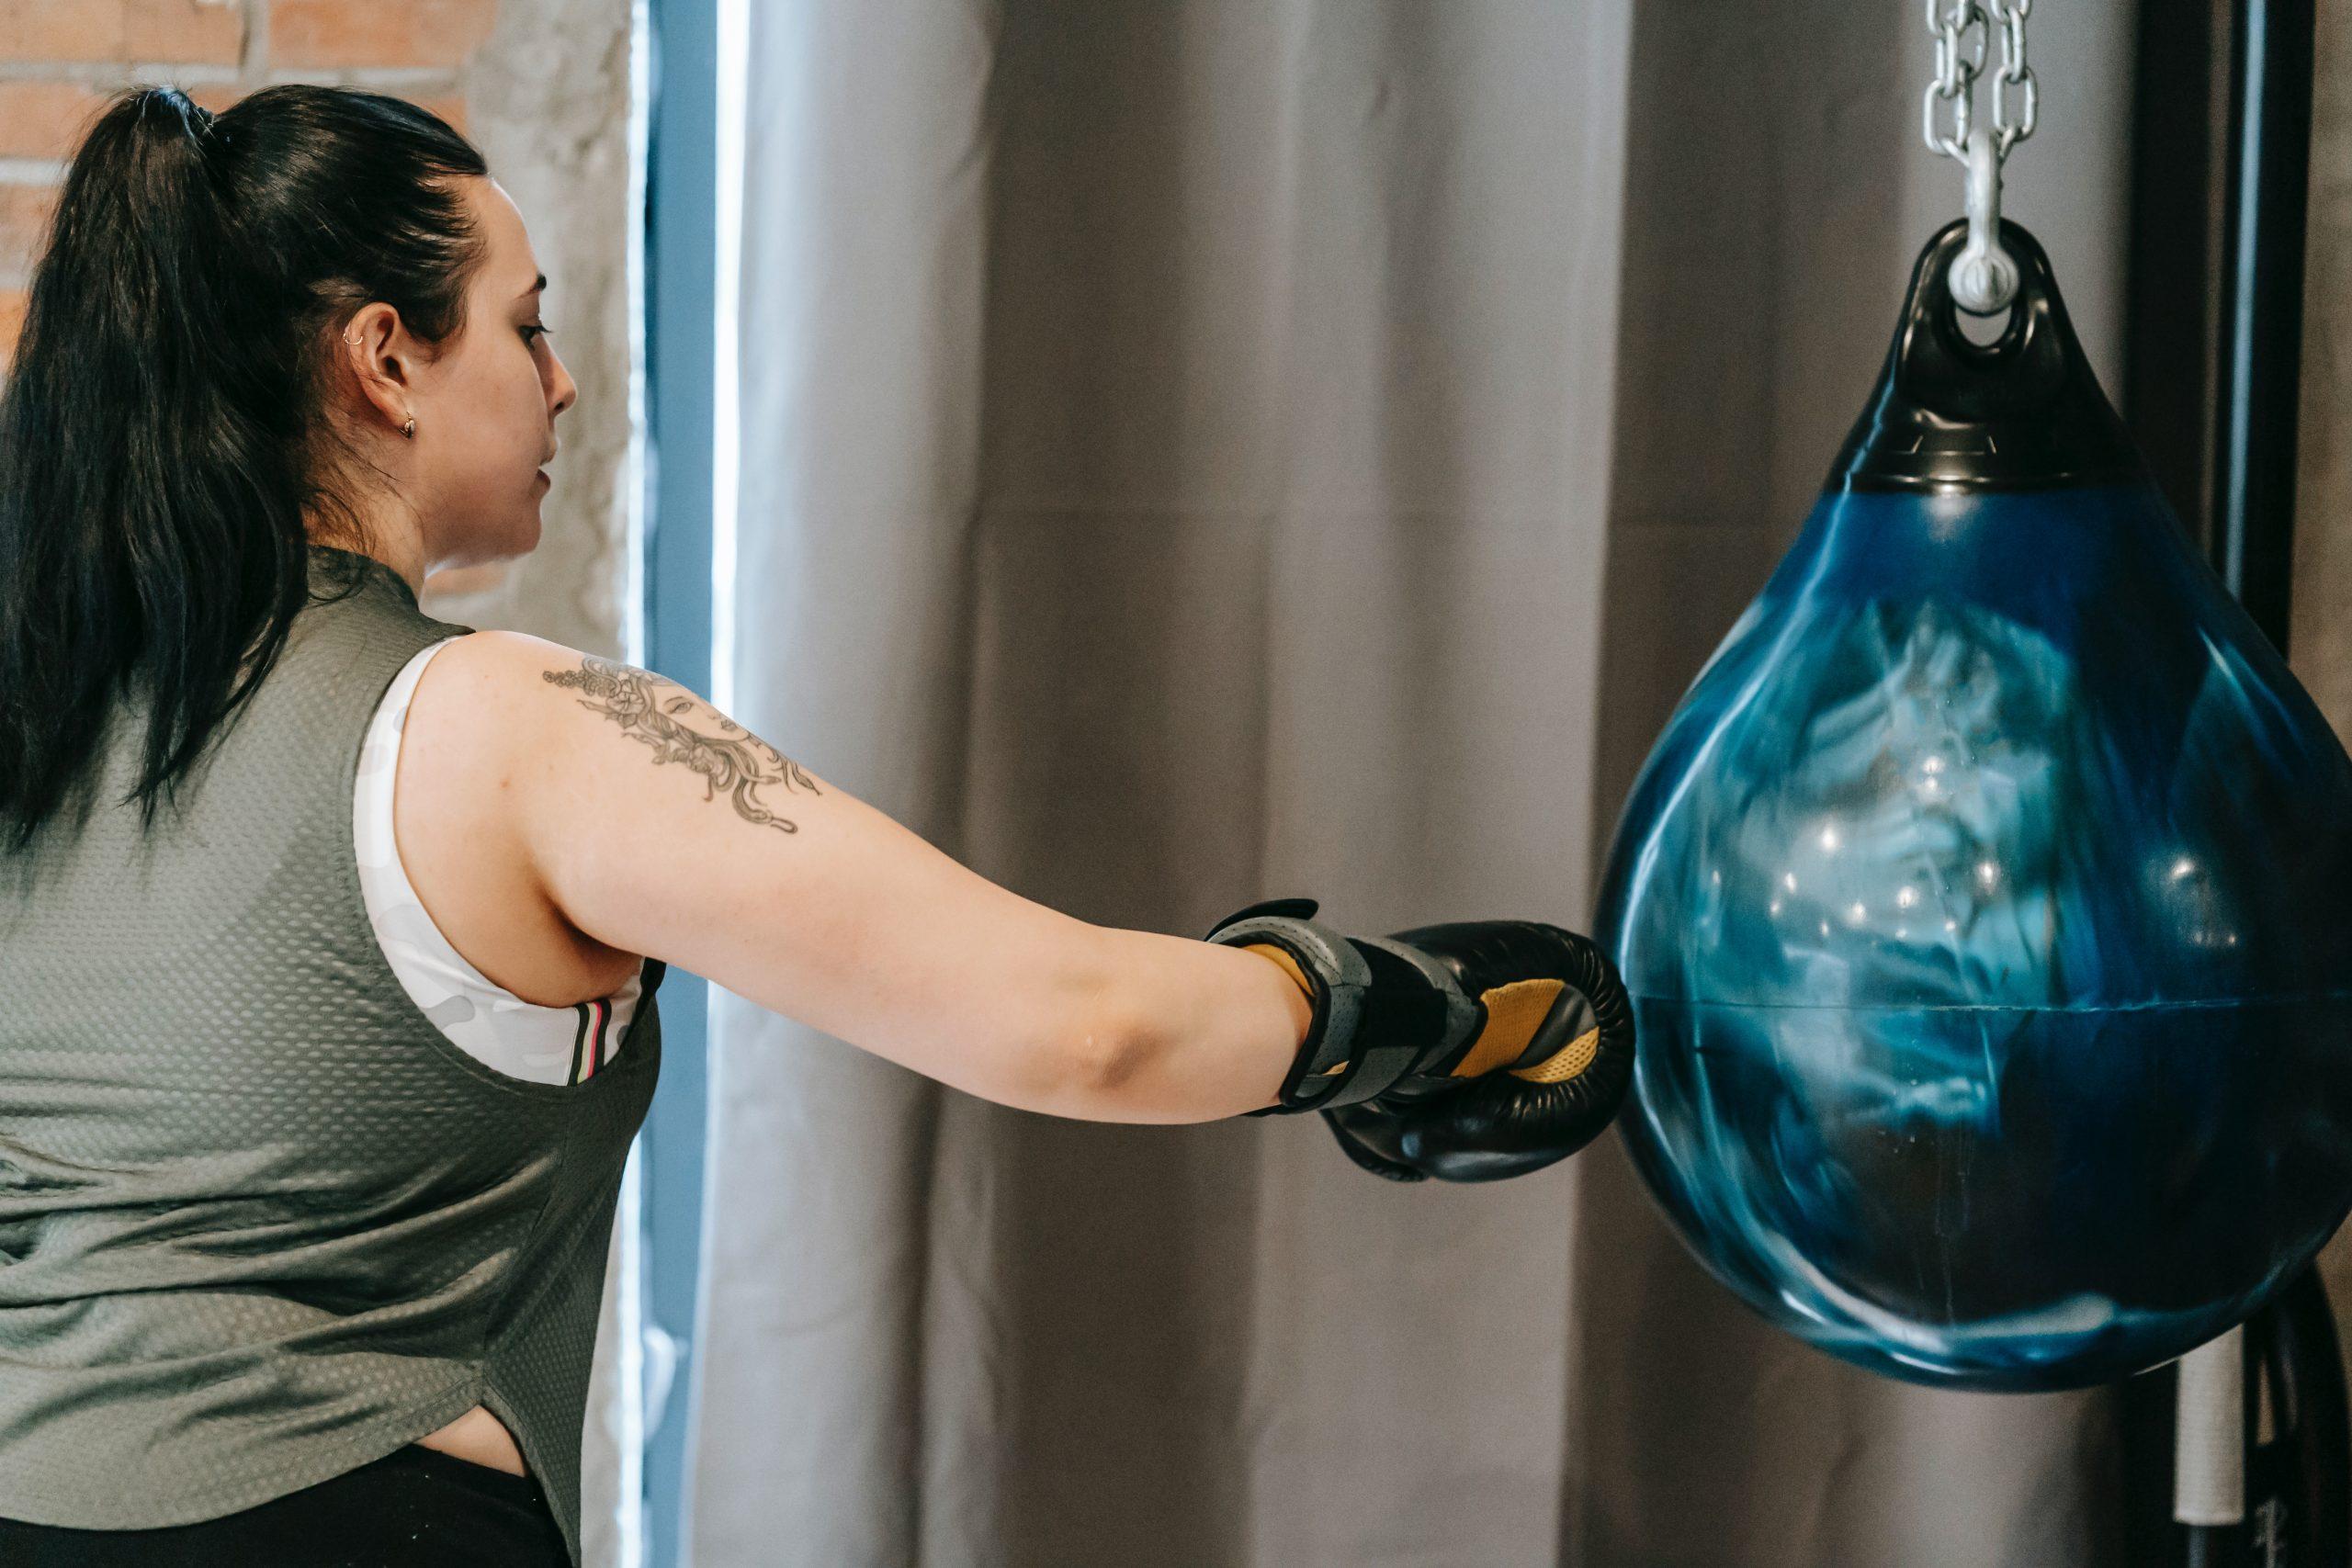 Mulher com luva de boxe tocando em um punching ball azul suspenso no teto